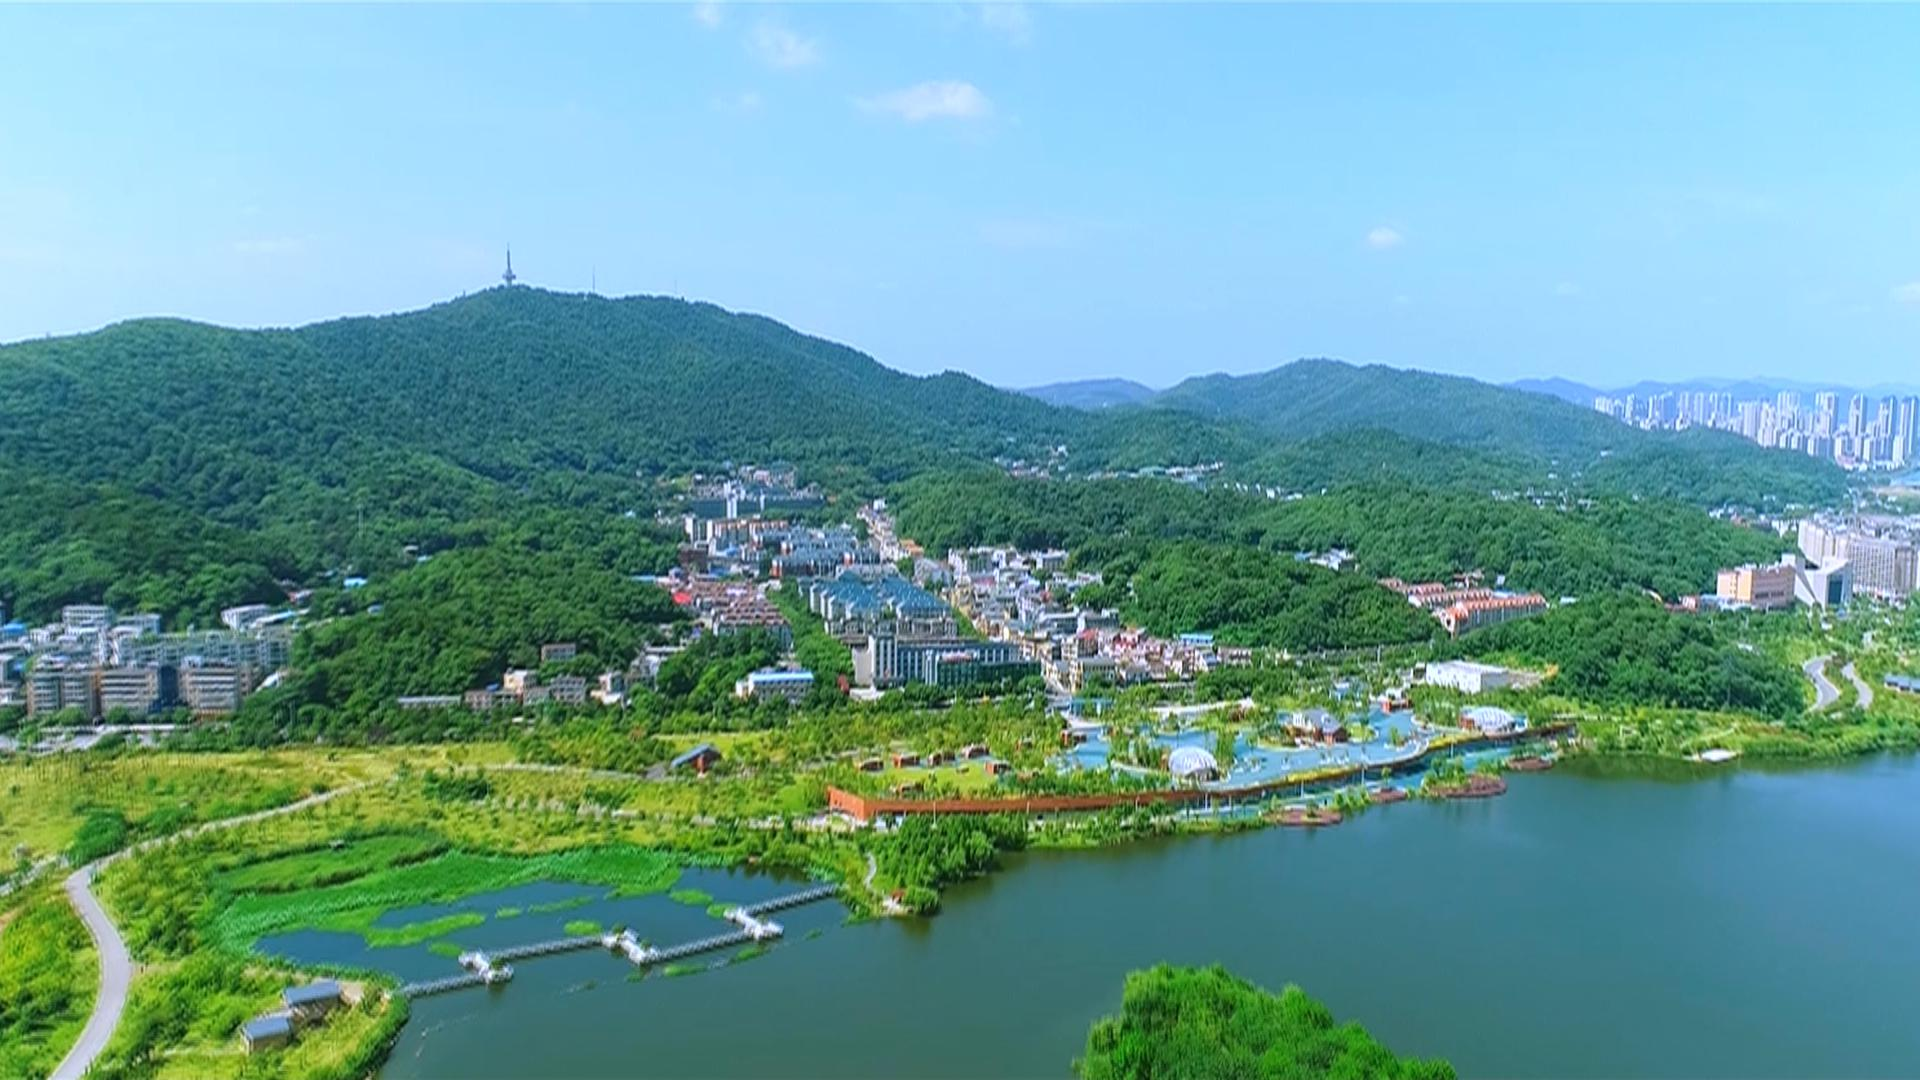 13个县(市、区) 上榜!湖南表彰首批省级生态文明建设示范县